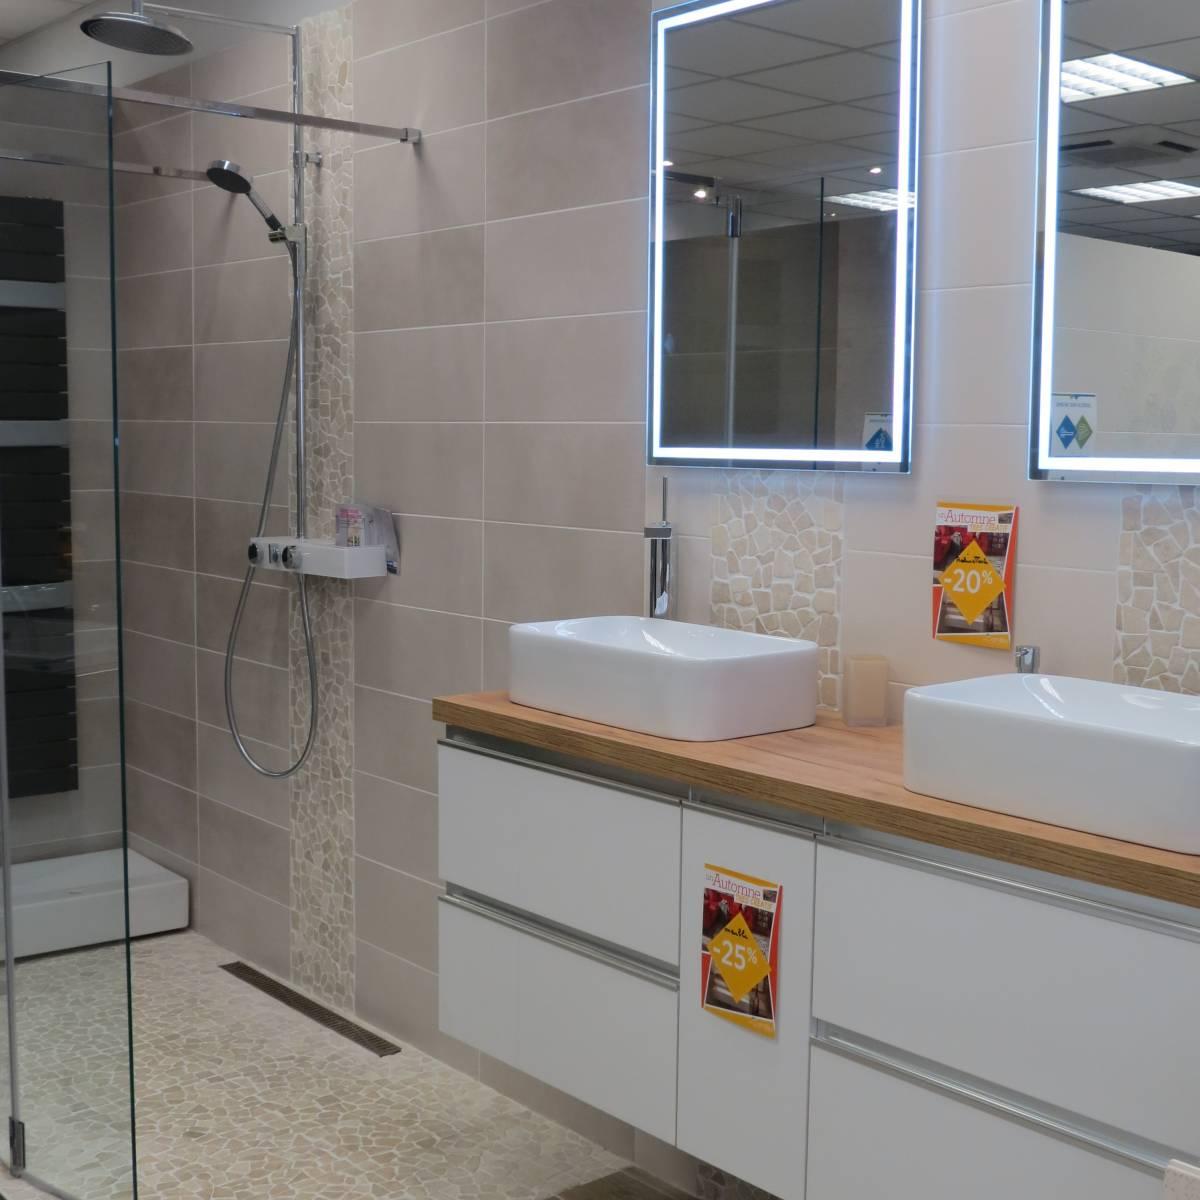 Salle de bain et sanitaire menuiserie bois sur mesure for Sanitaire salle de bain